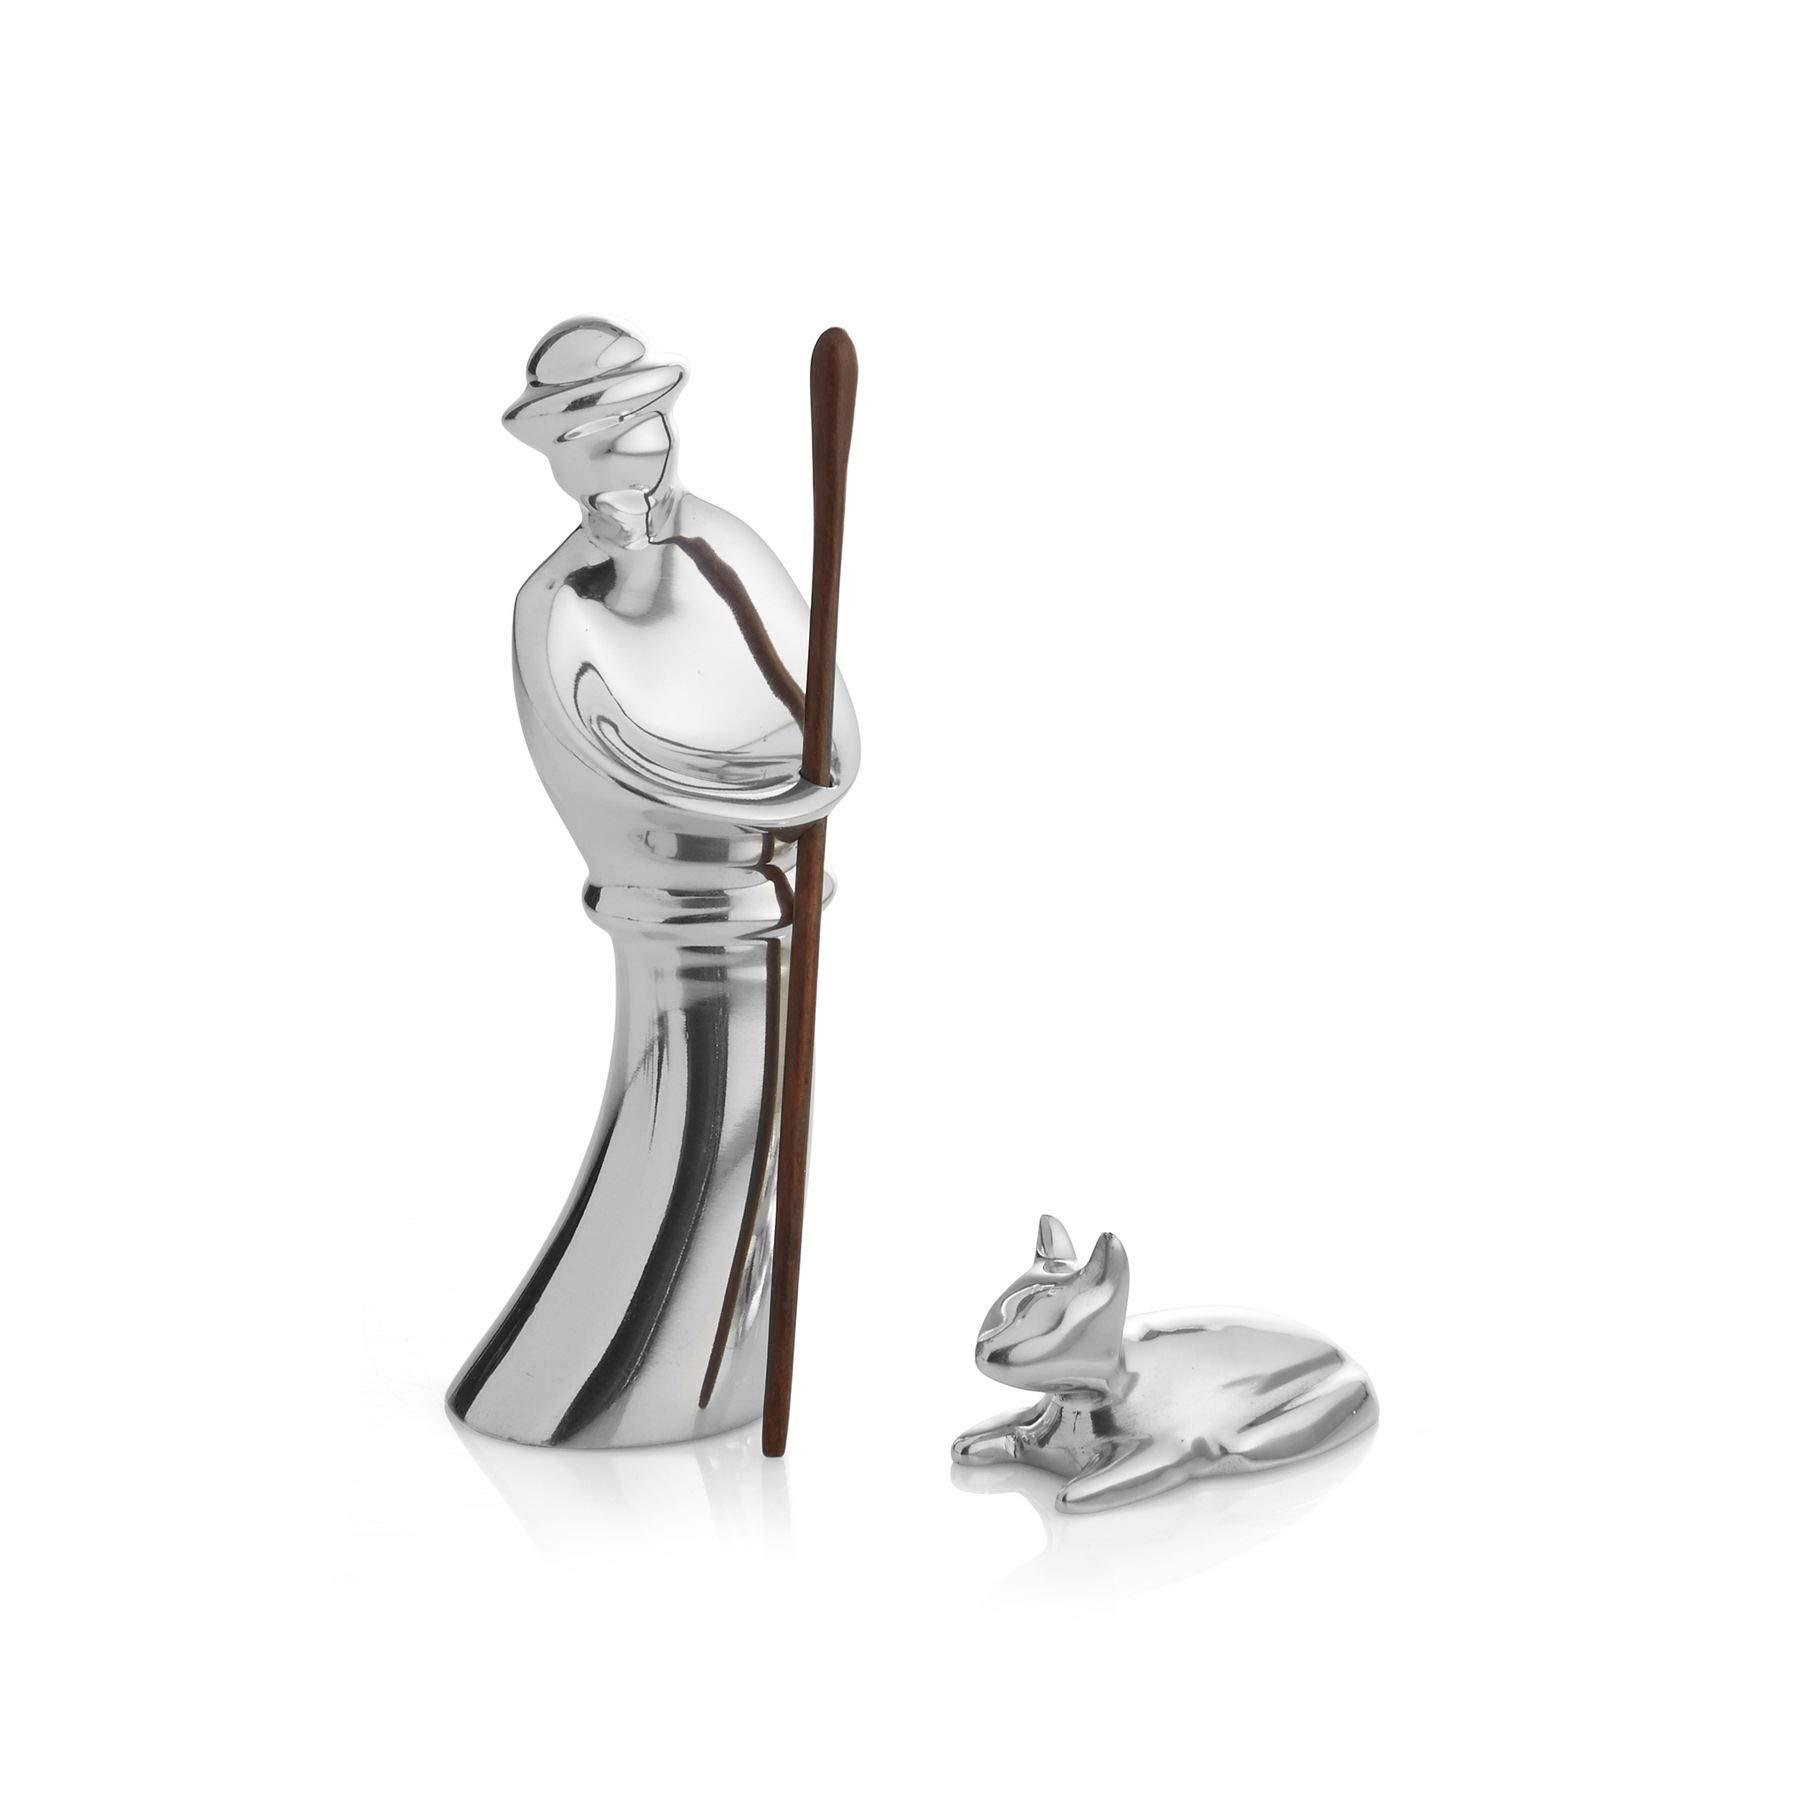 Nambe Miniature Nativity Figurines- Shepherd and Lamb